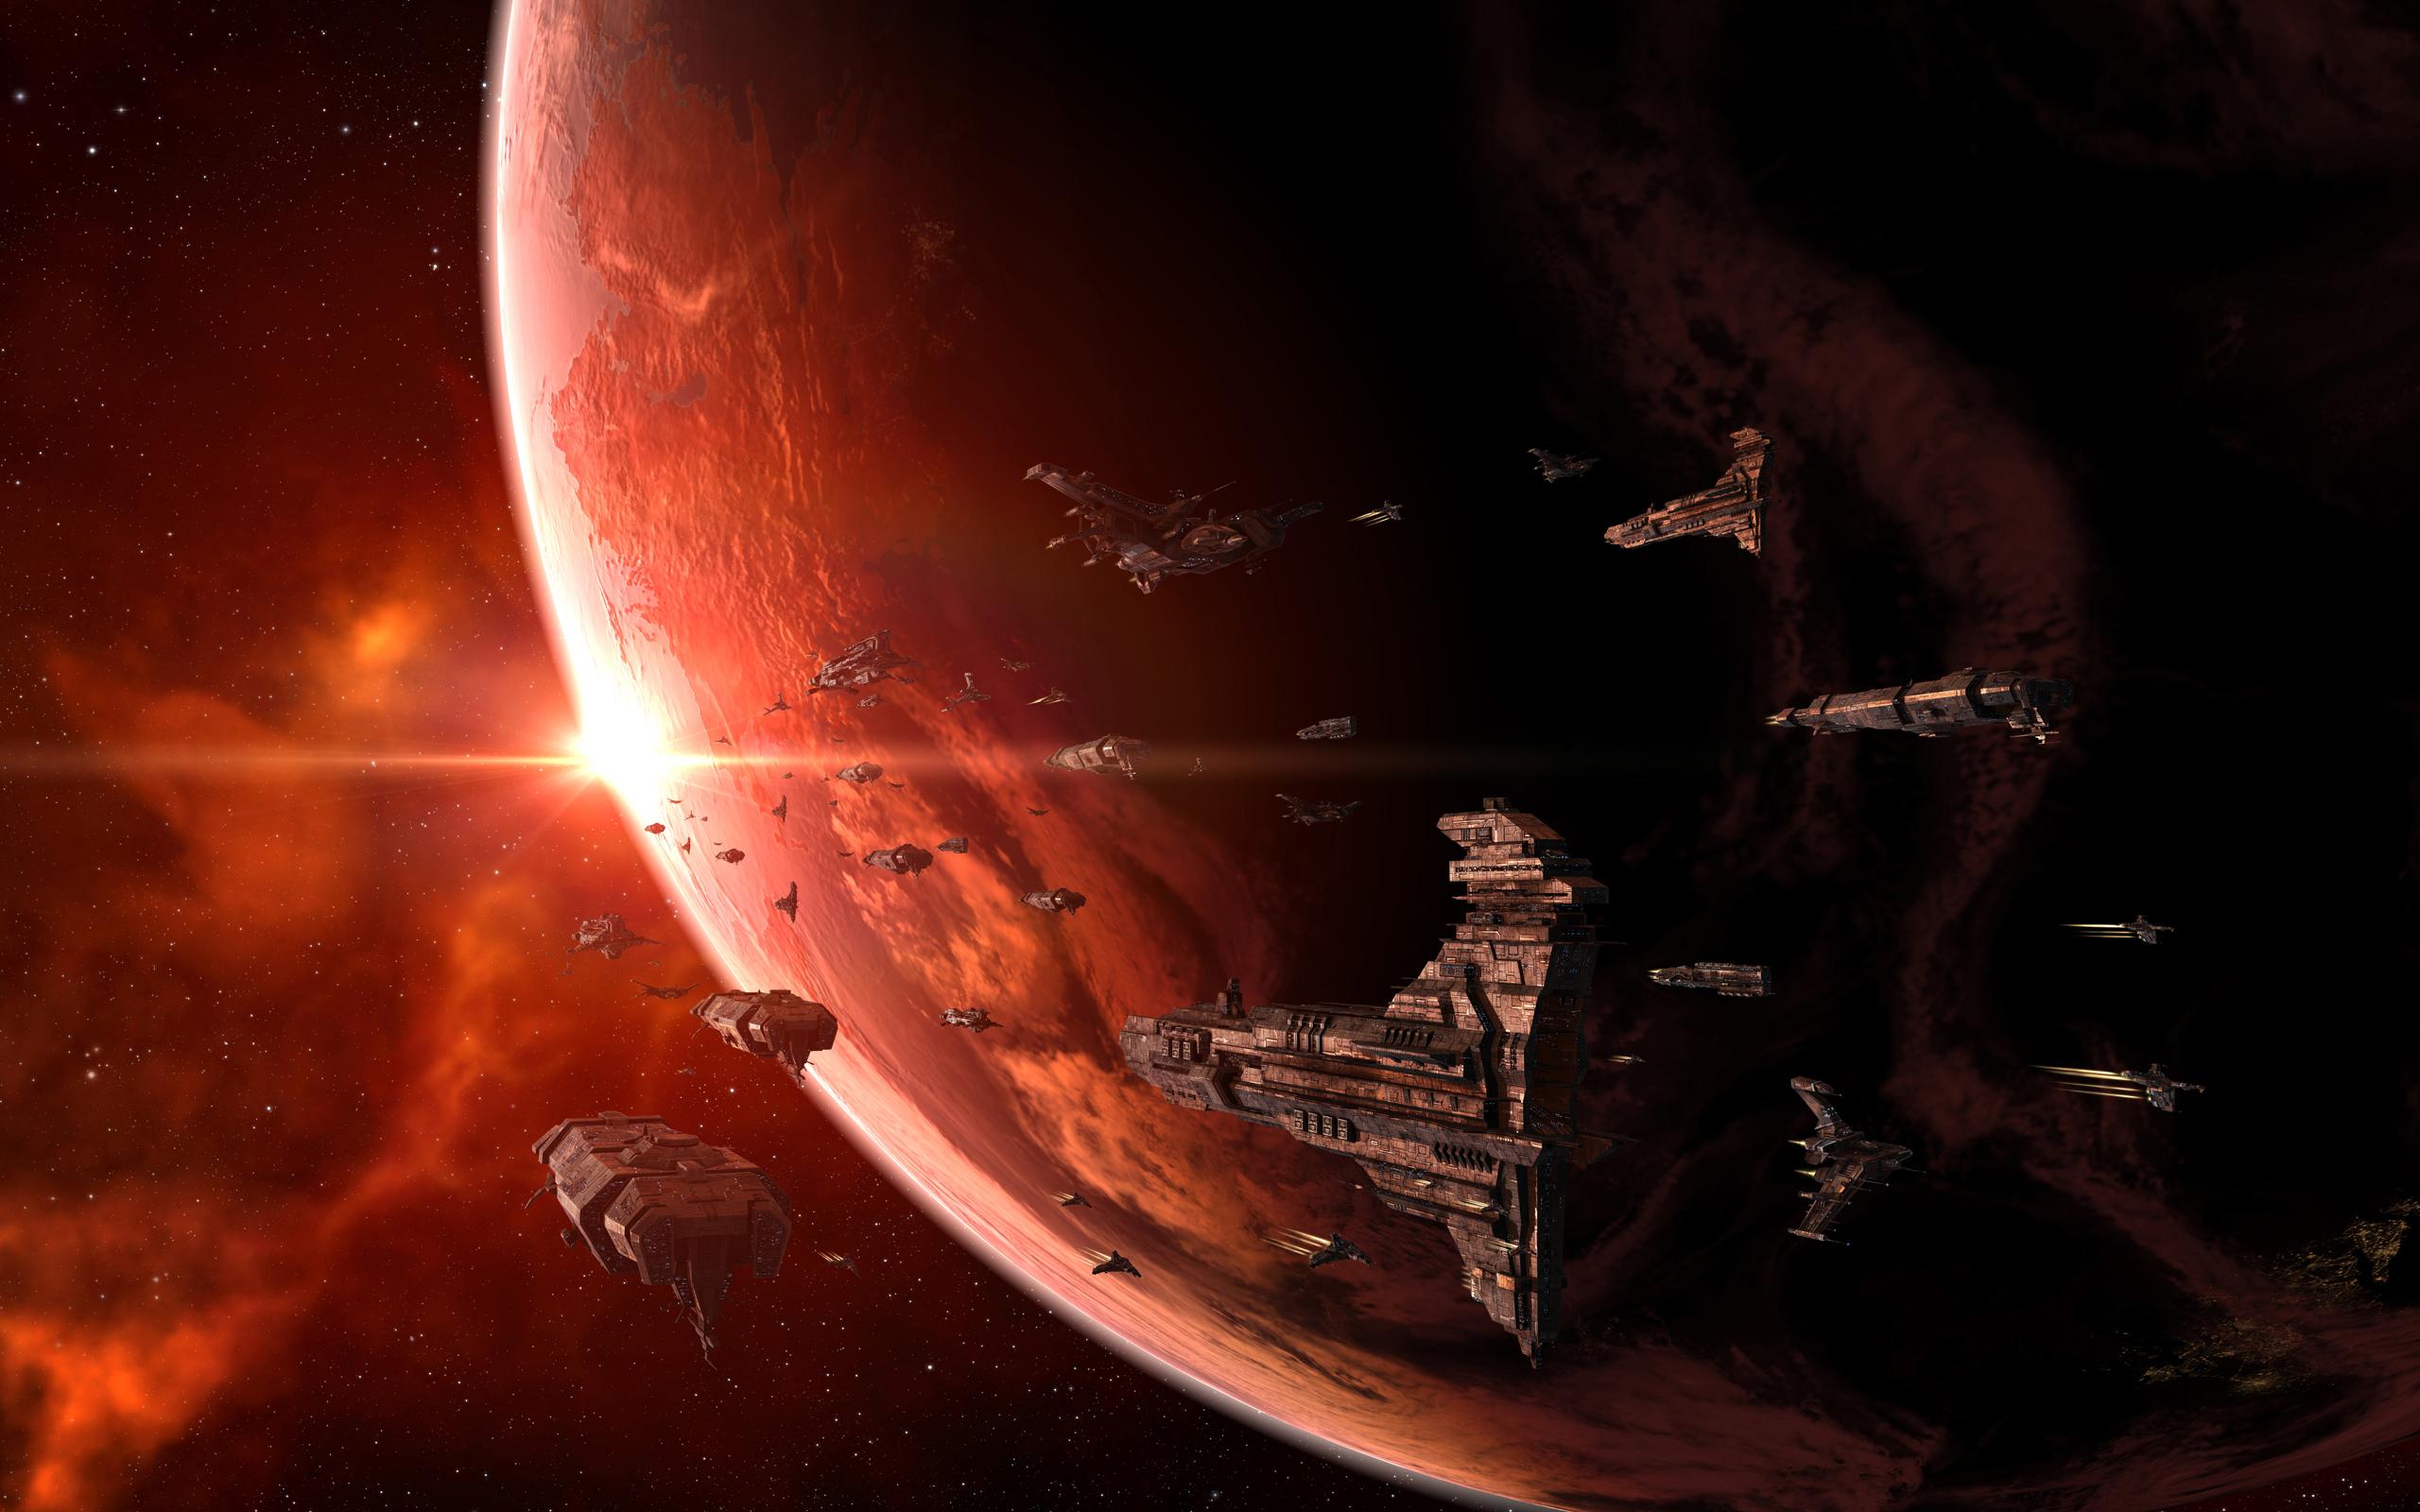 Обои Космос Корабль планета картинки на рабочий стол на тему Космос - скачать скачать